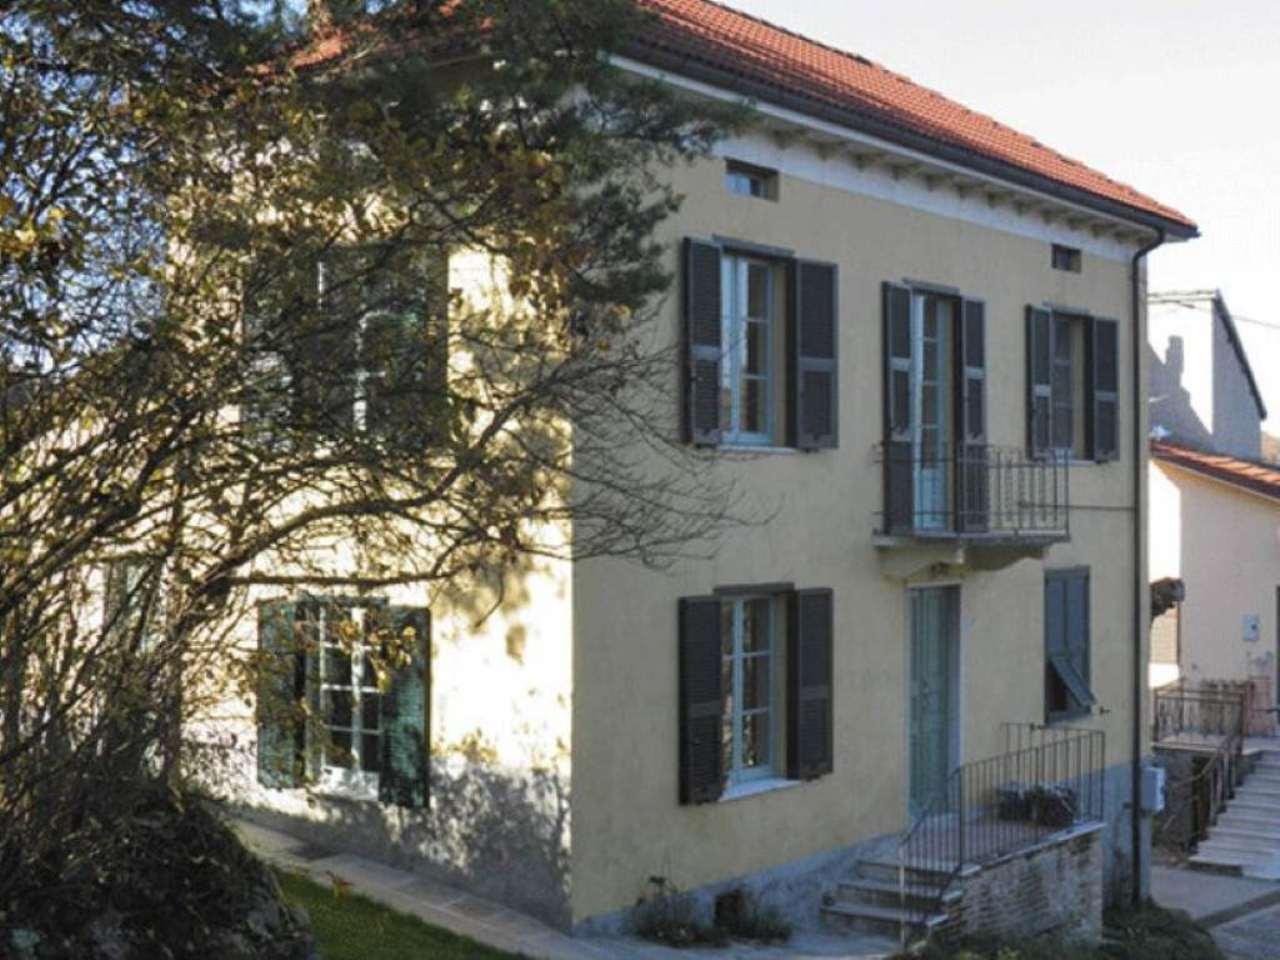 Soluzione Indipendente in vendita a Cassinelle, 10 locali, prezzo € 150.000 | Cambio Casa.it